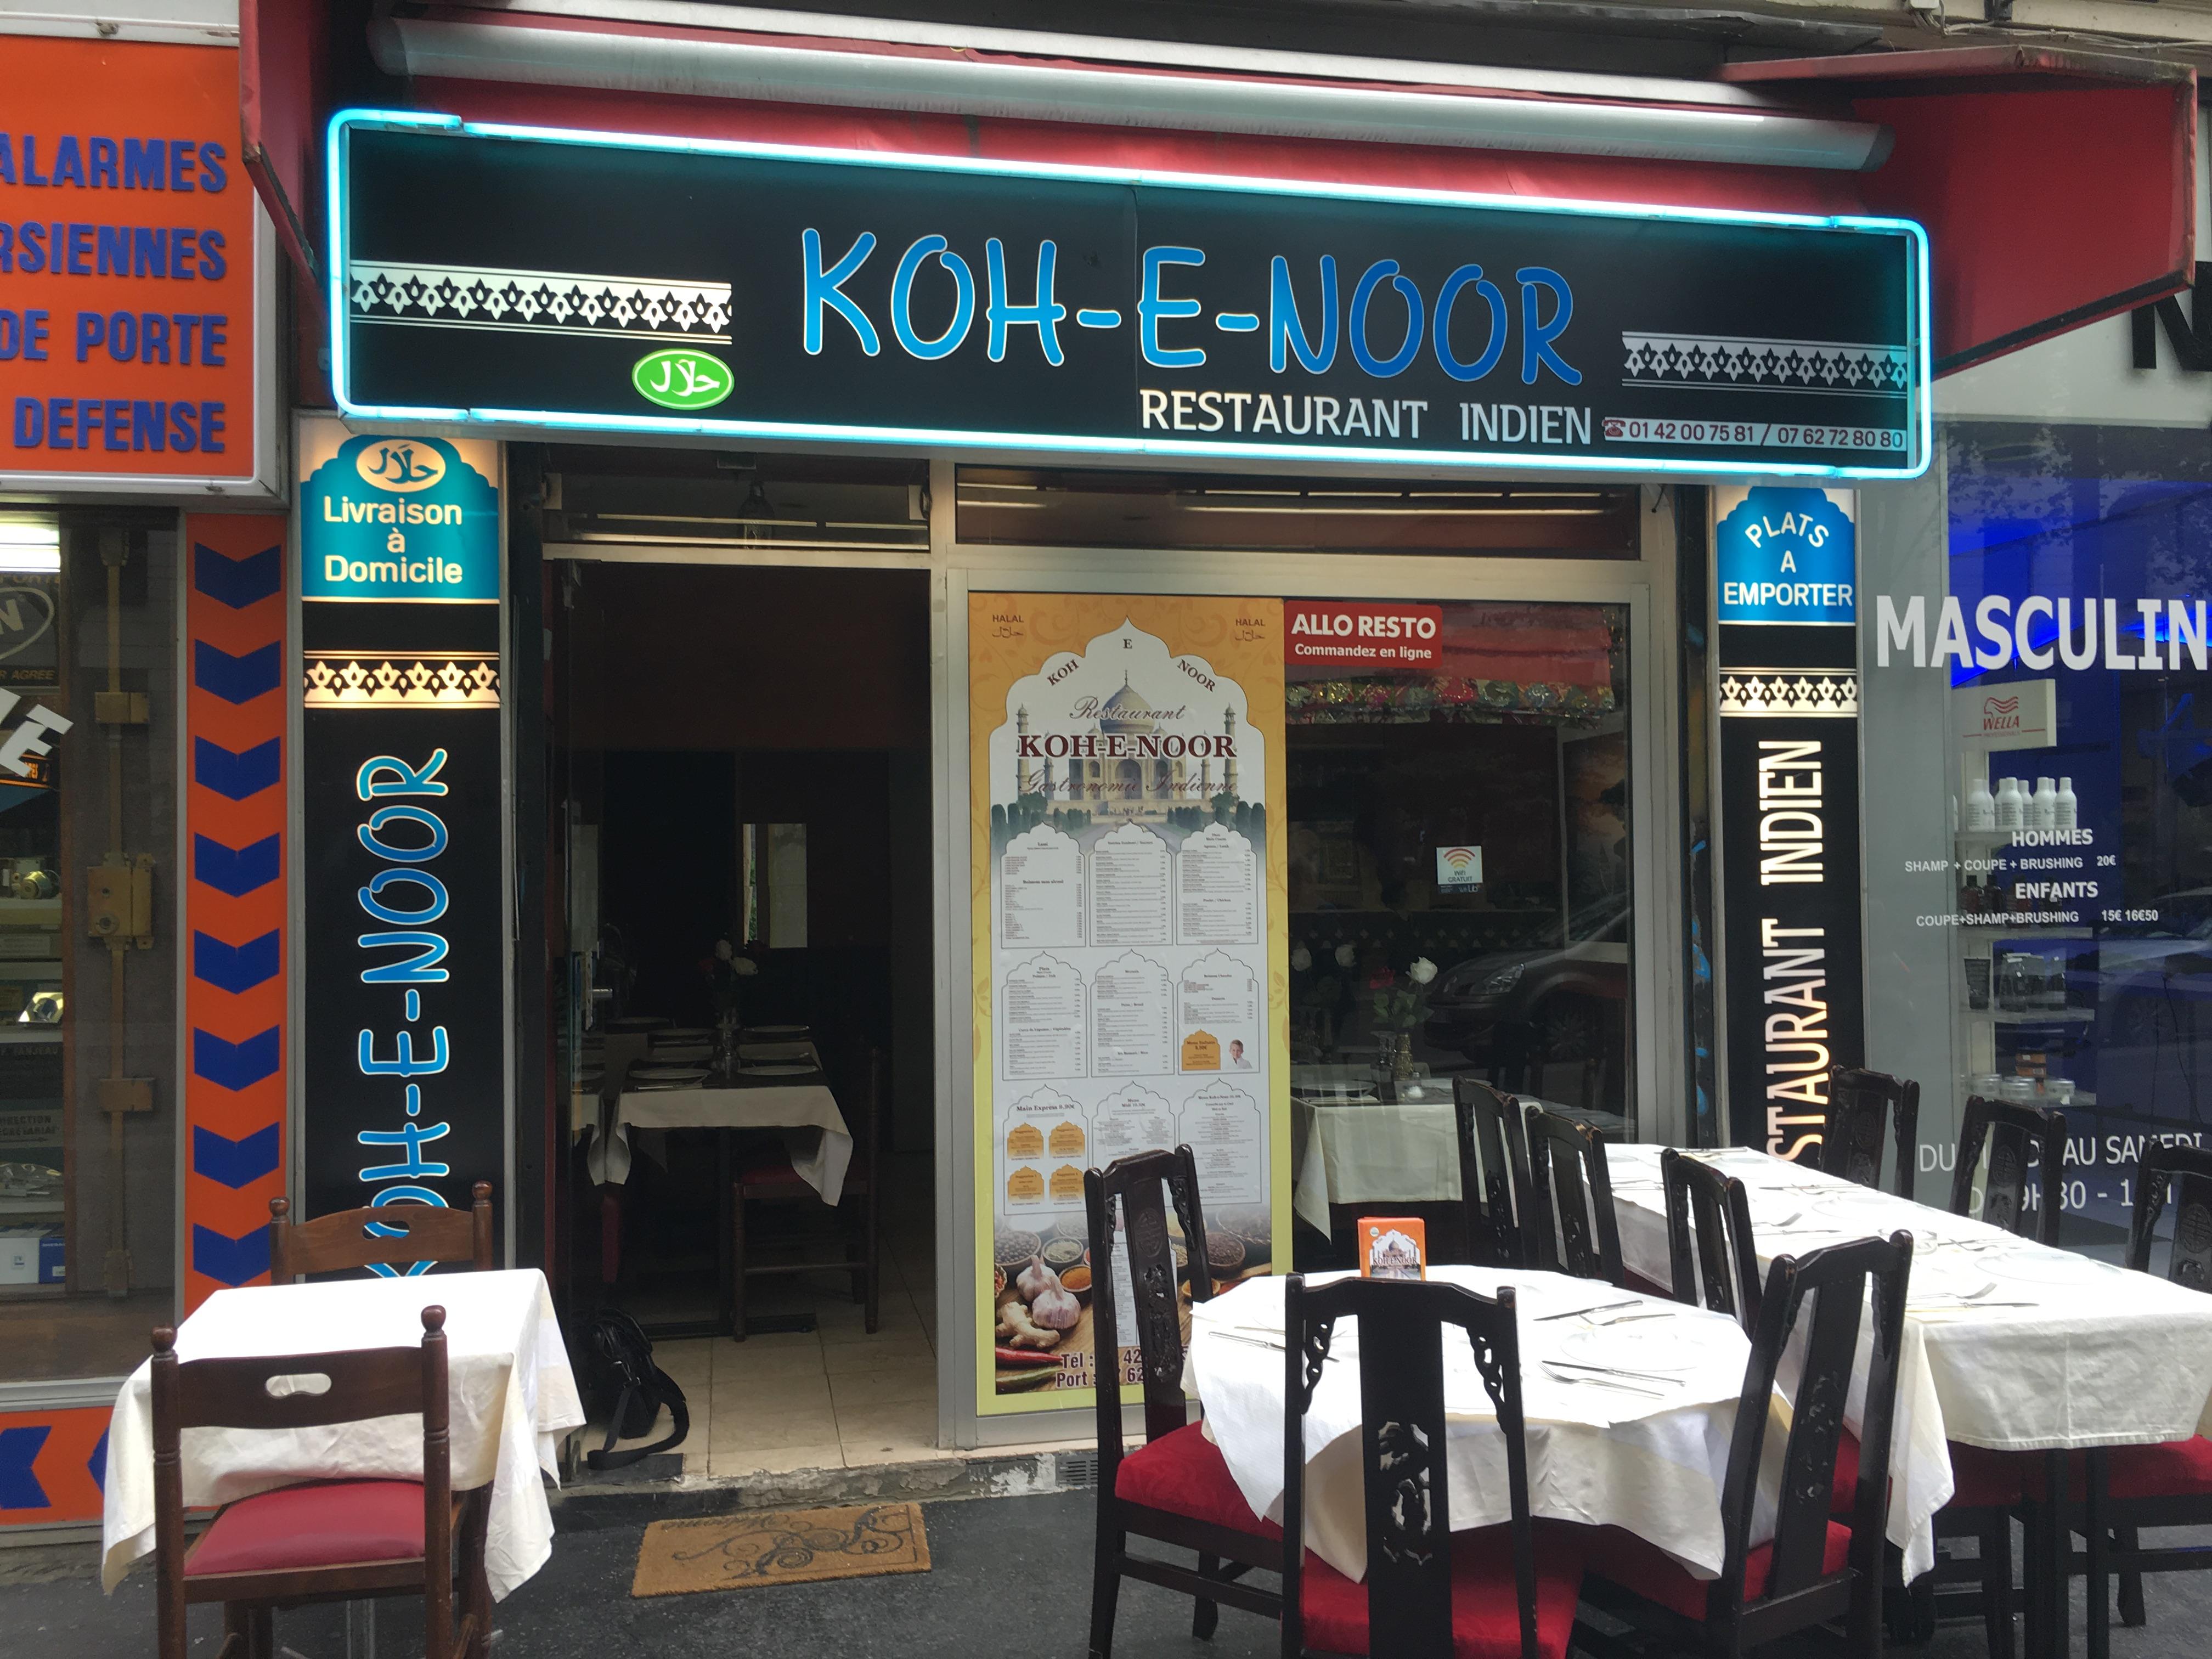 Koh-E-Noor, restaurant indien Paris 19, sur place, à emporter, livraison